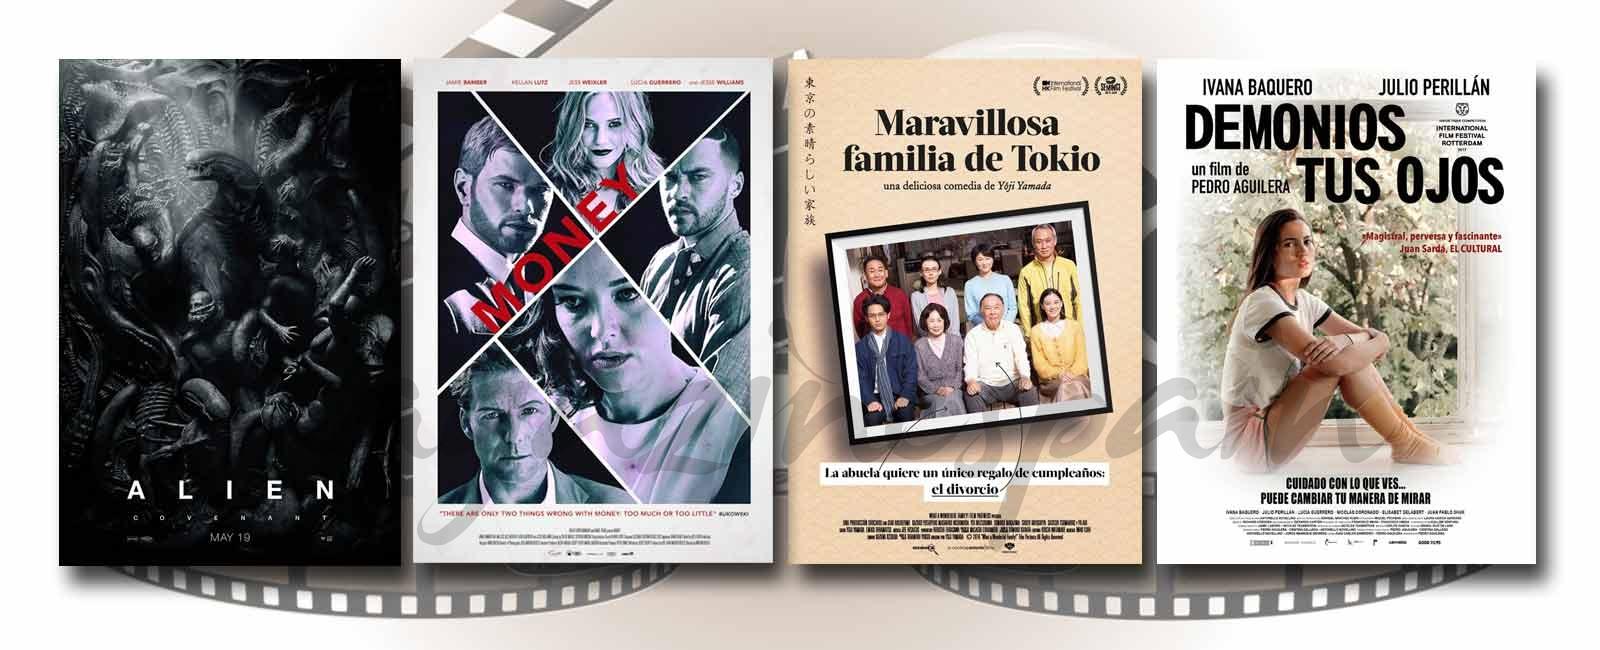 Estrenos de Cine de la Semana… 12 de Mayo 2017